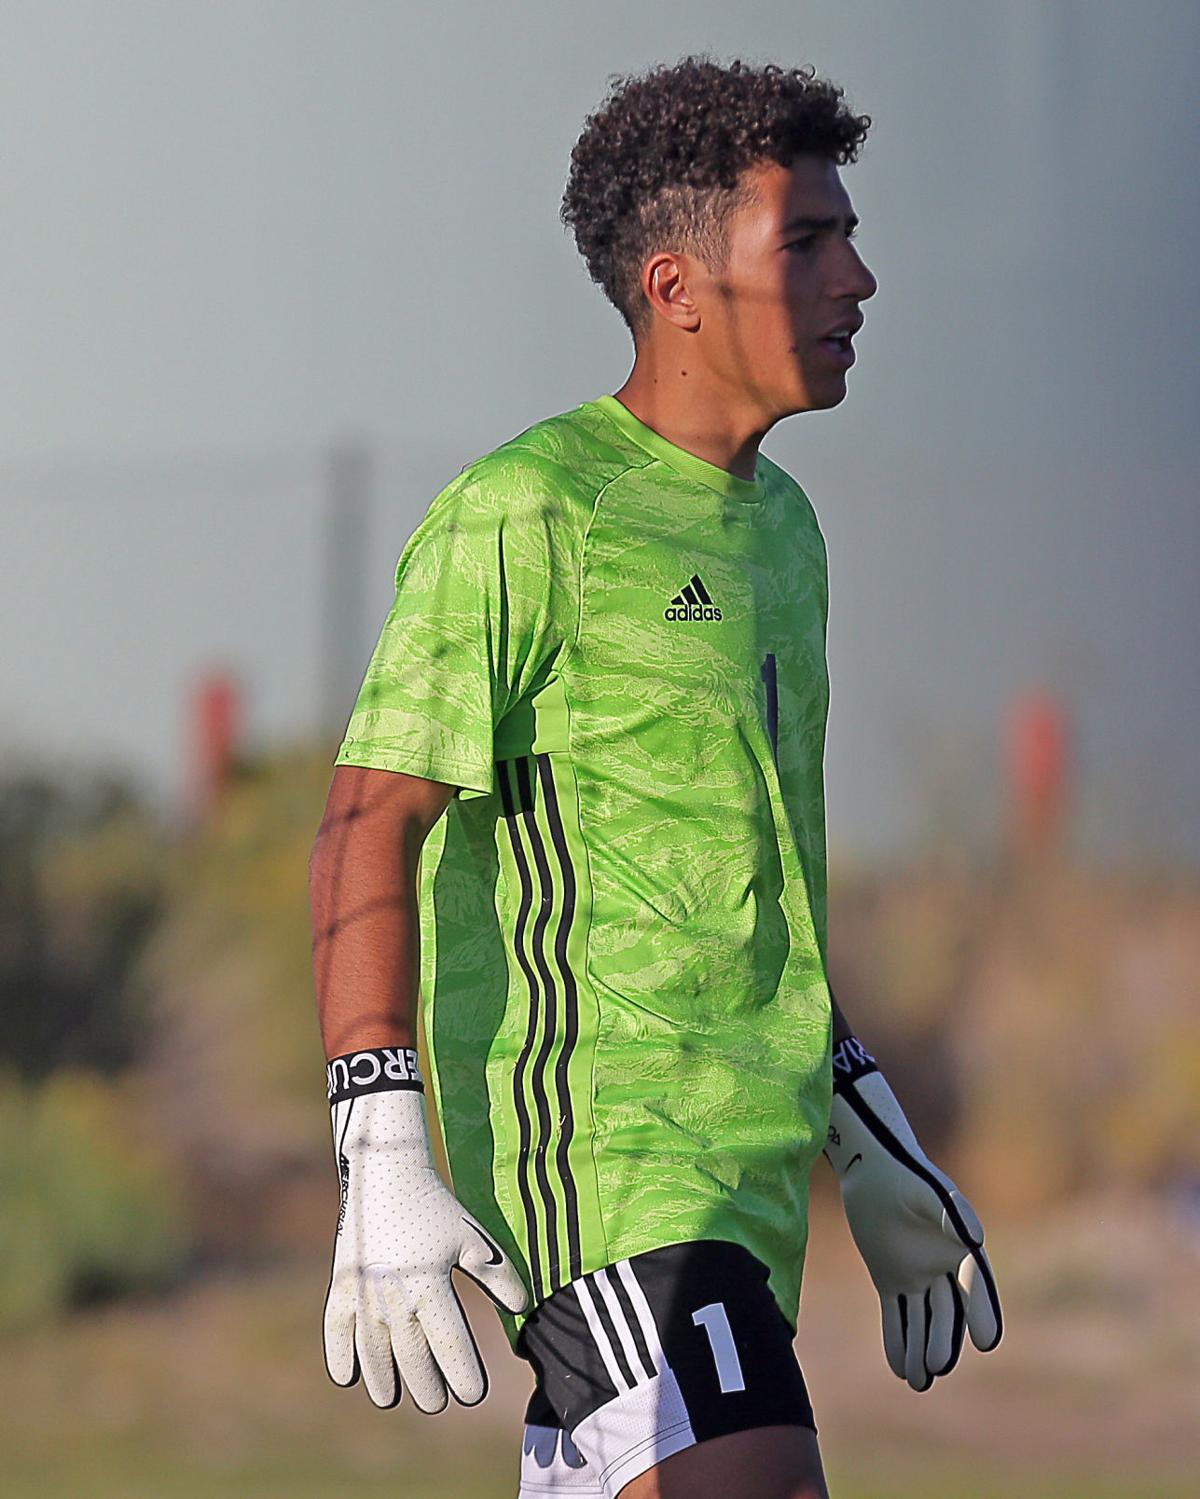 Jacob Rios